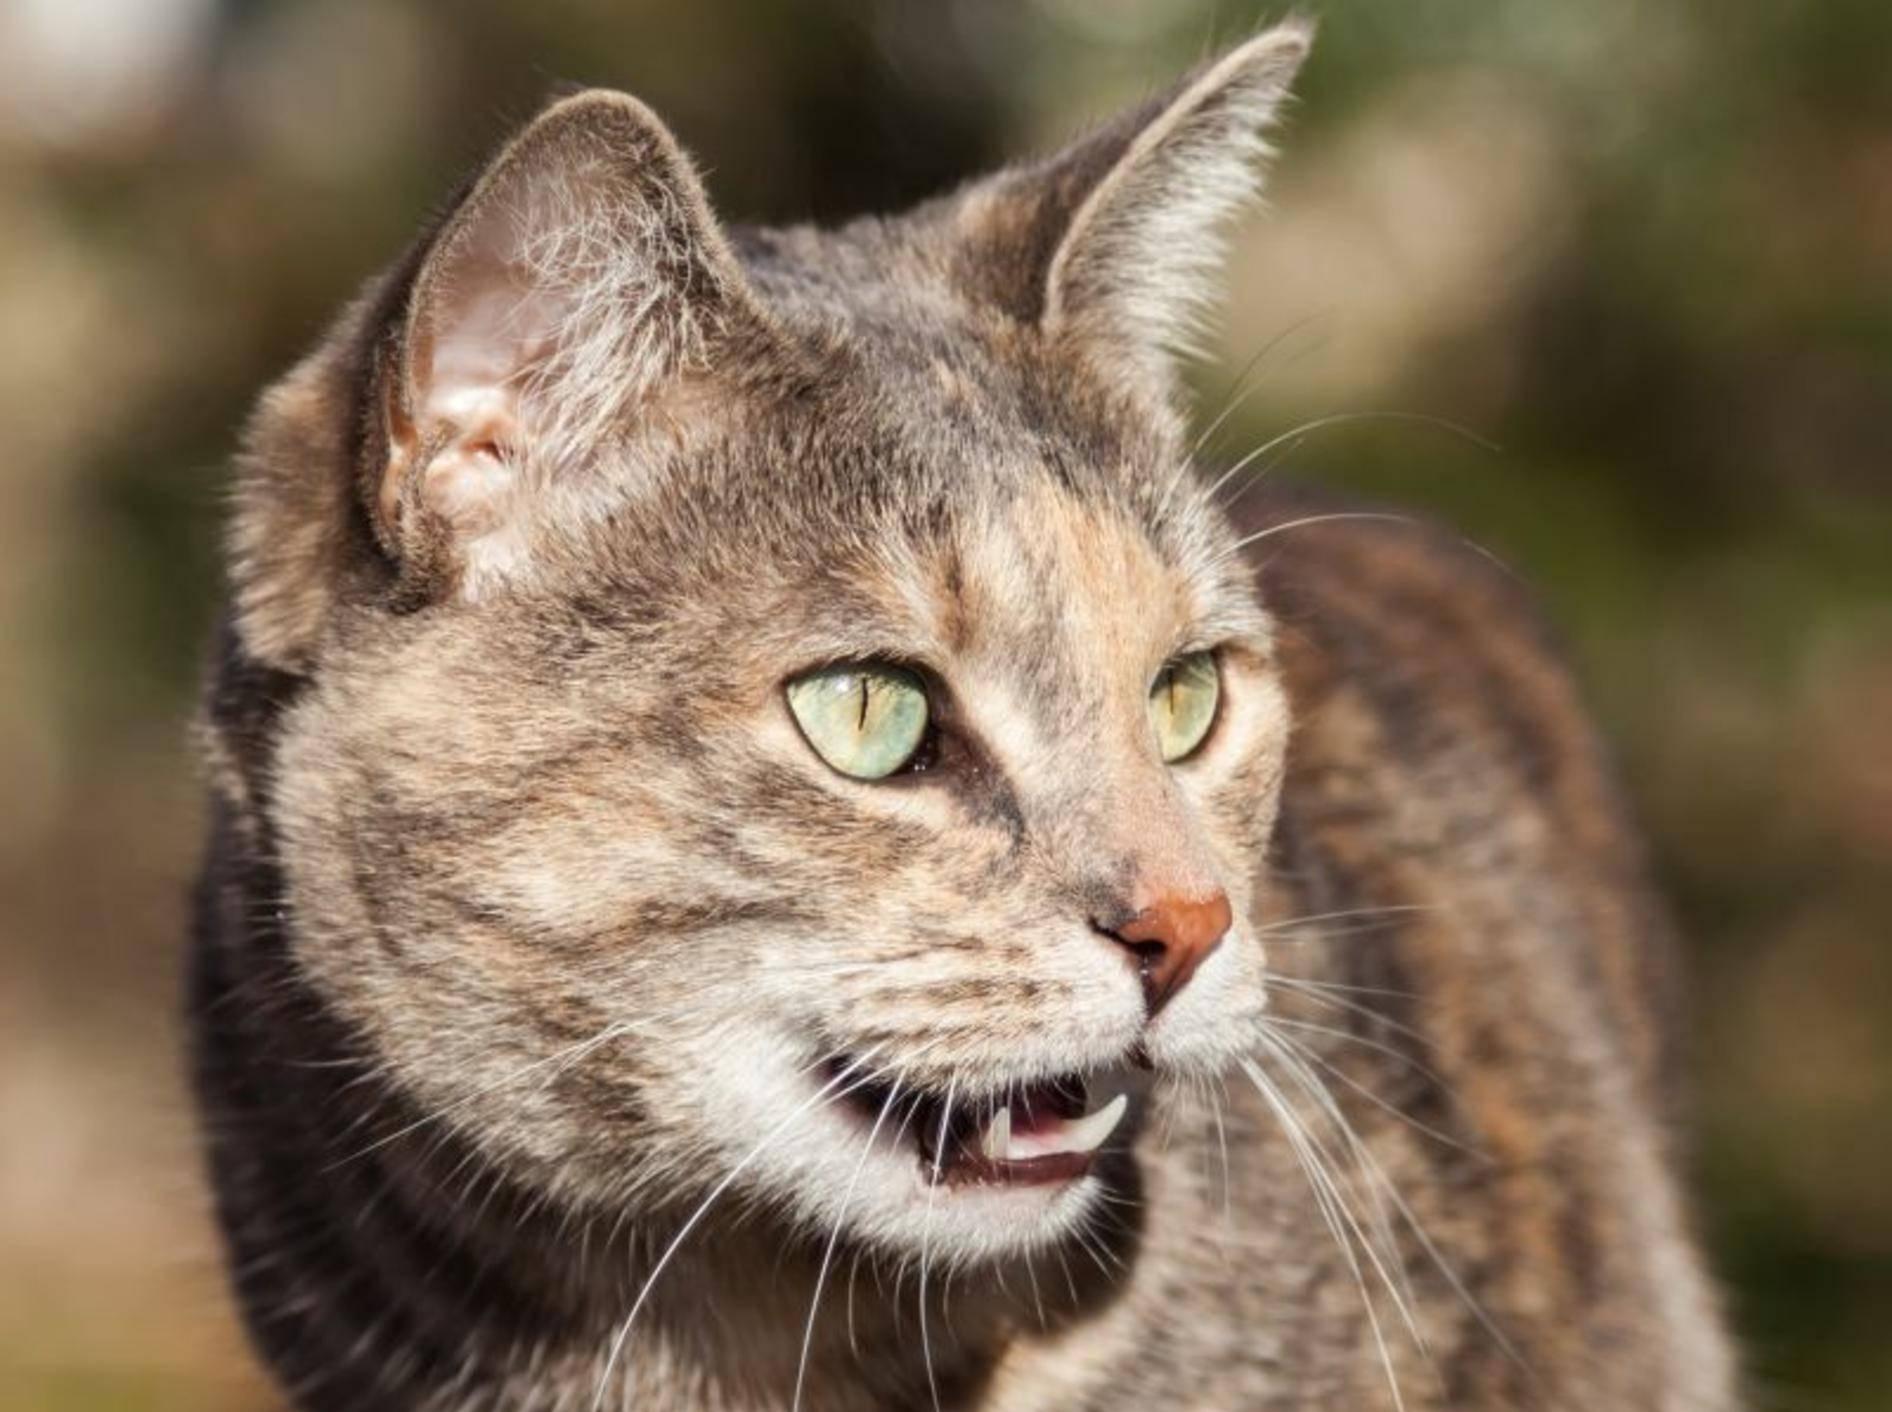 Hecheln ist für Katzen eher untypisches Verhalten – Bild: Shutterstock / SJ Allen